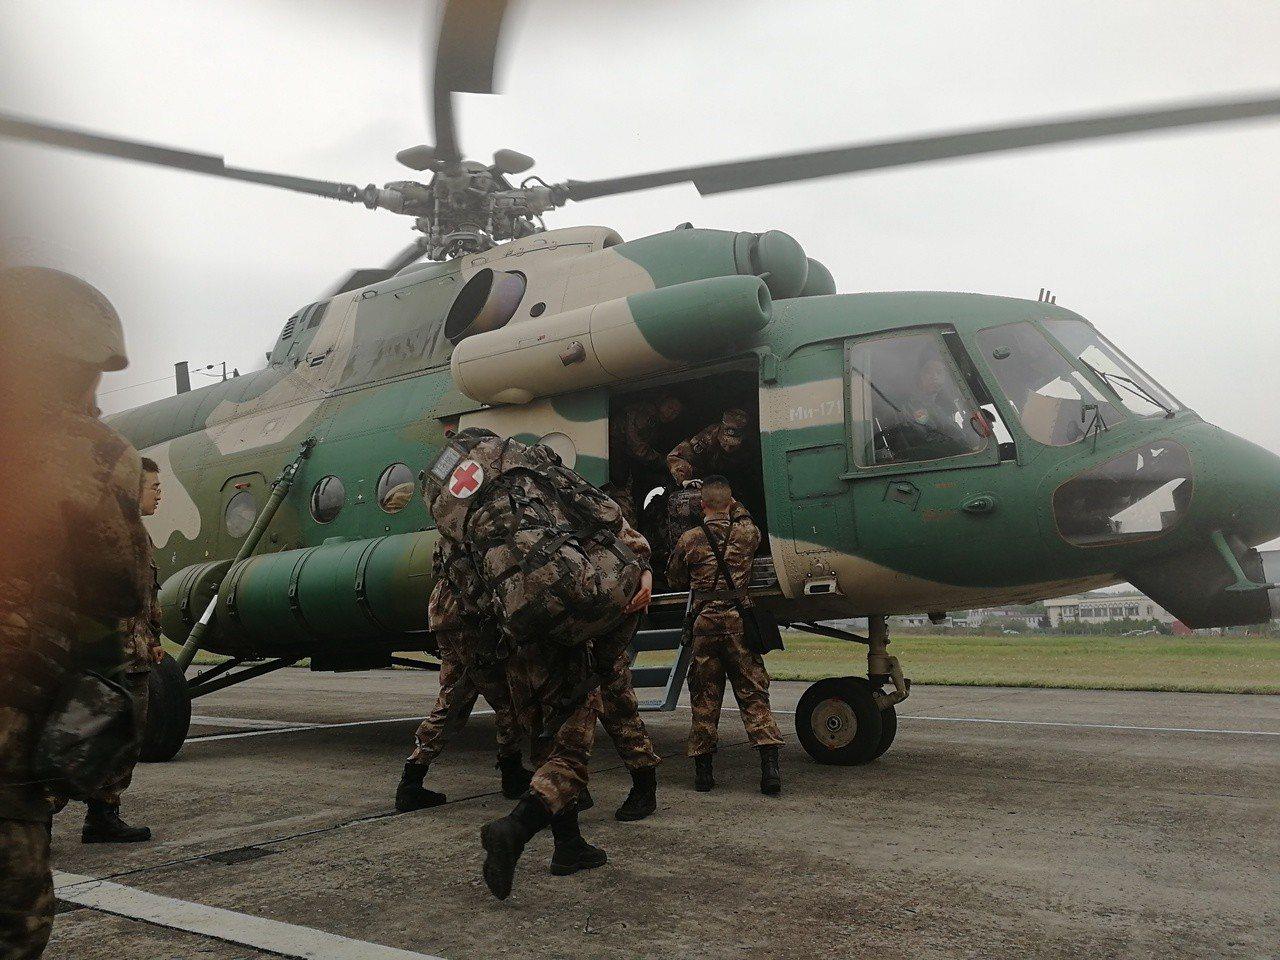 大陸西部戰區總醫院已緊急派員赴涼山救援失聯的滅火行動消防員。(中新社)